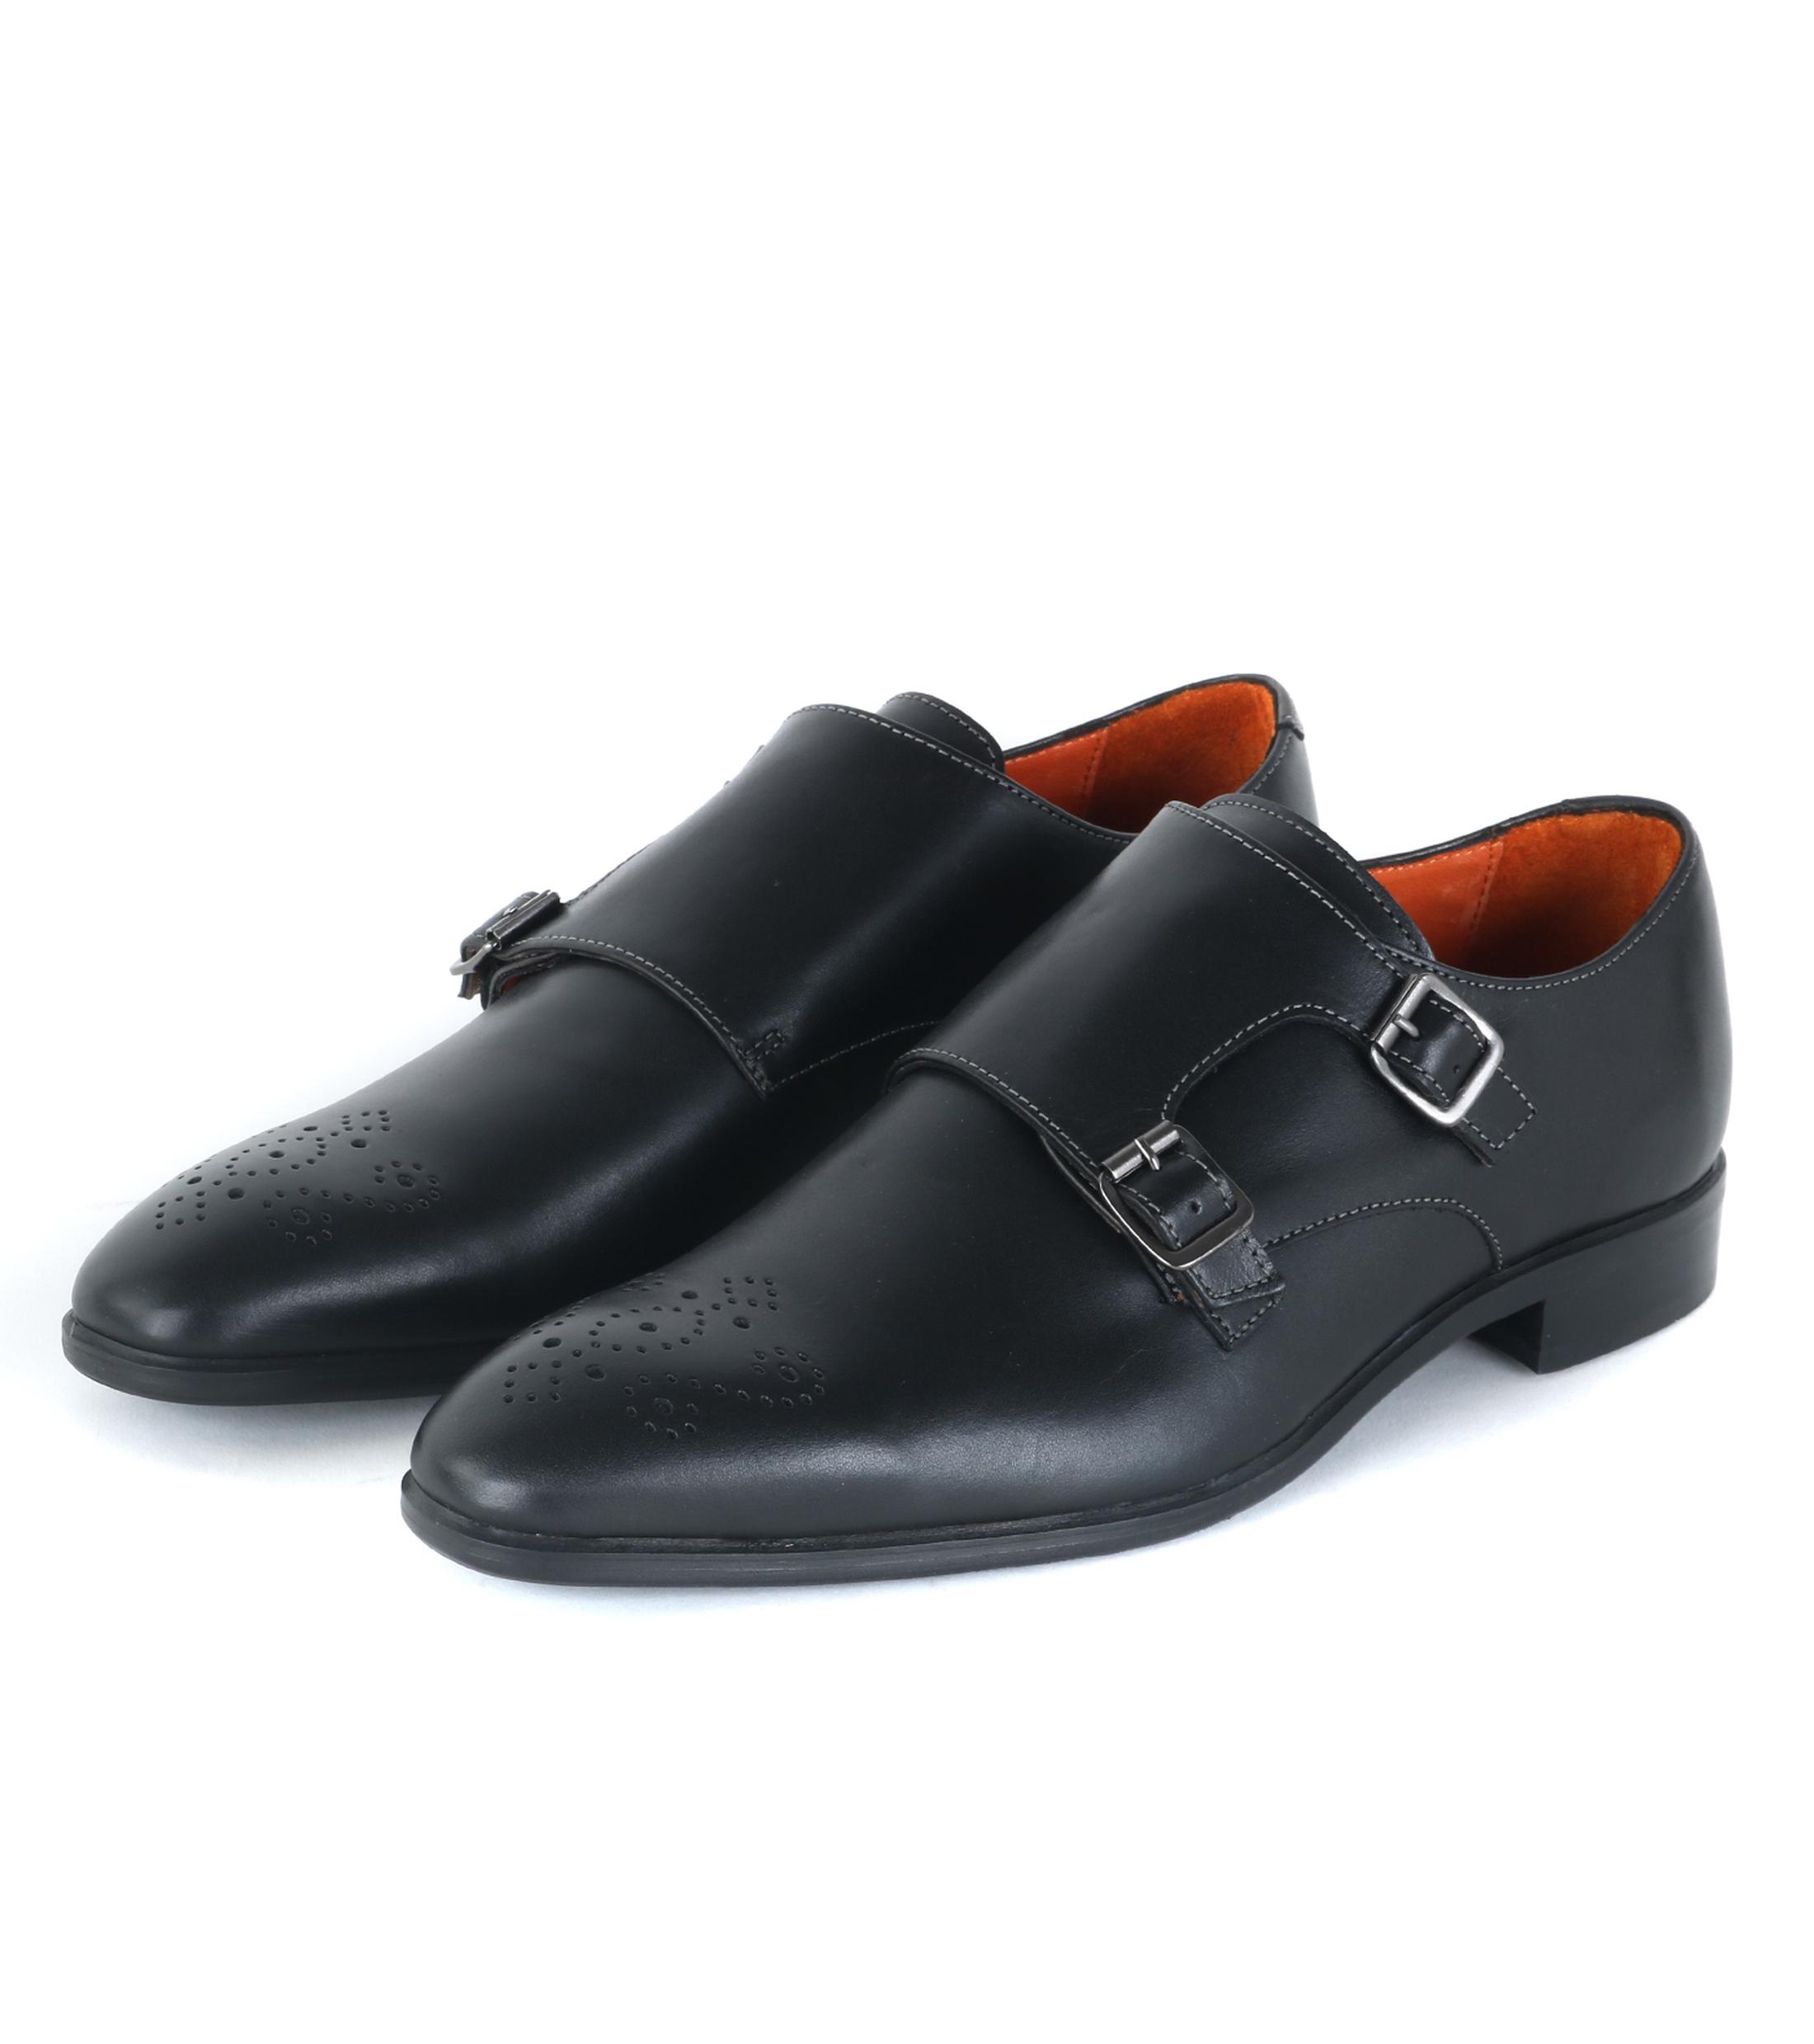 Chaussures Noires Avec Des Boucles Pour Les Hommes zav14r2tTr